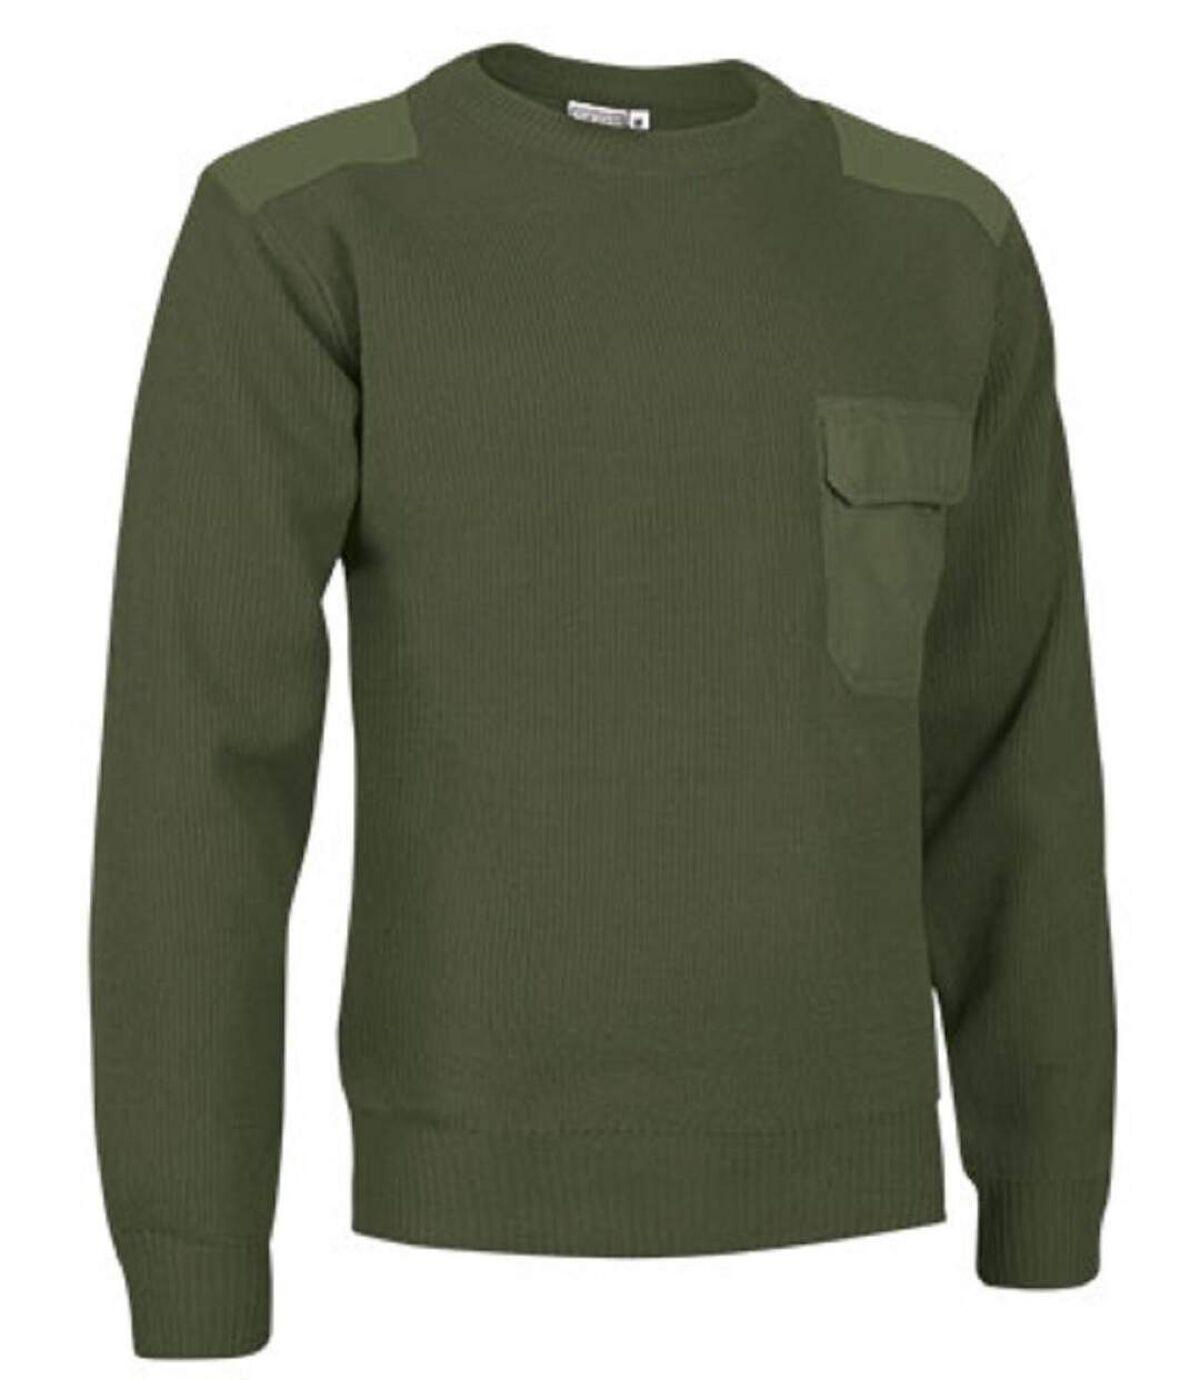 Pull épais - Homme - REF COMANDO - vert militaire